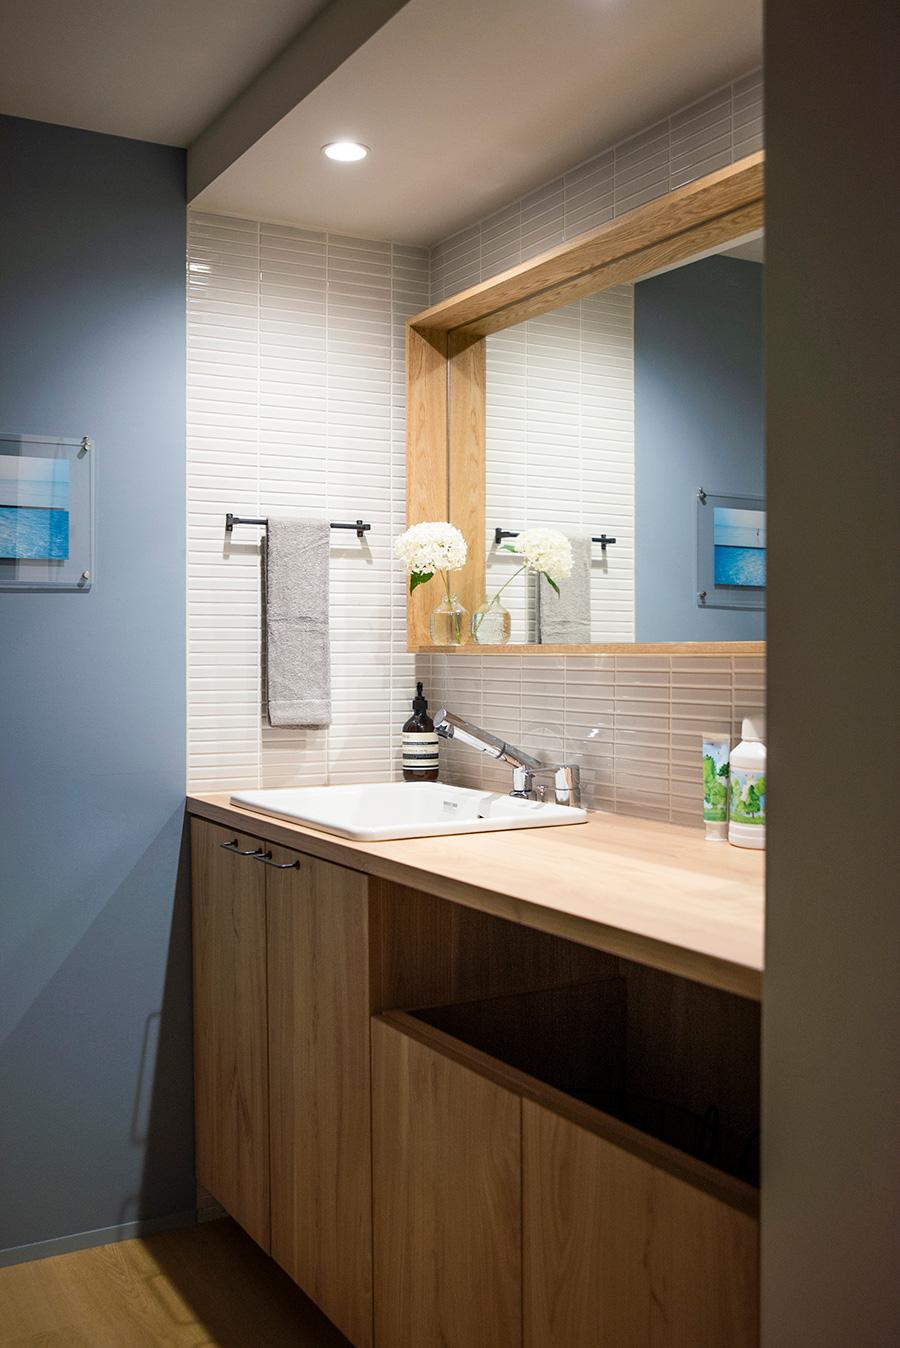 ブルーの壁紙をあしらった洗面は、どこか北欧の雰囲気。